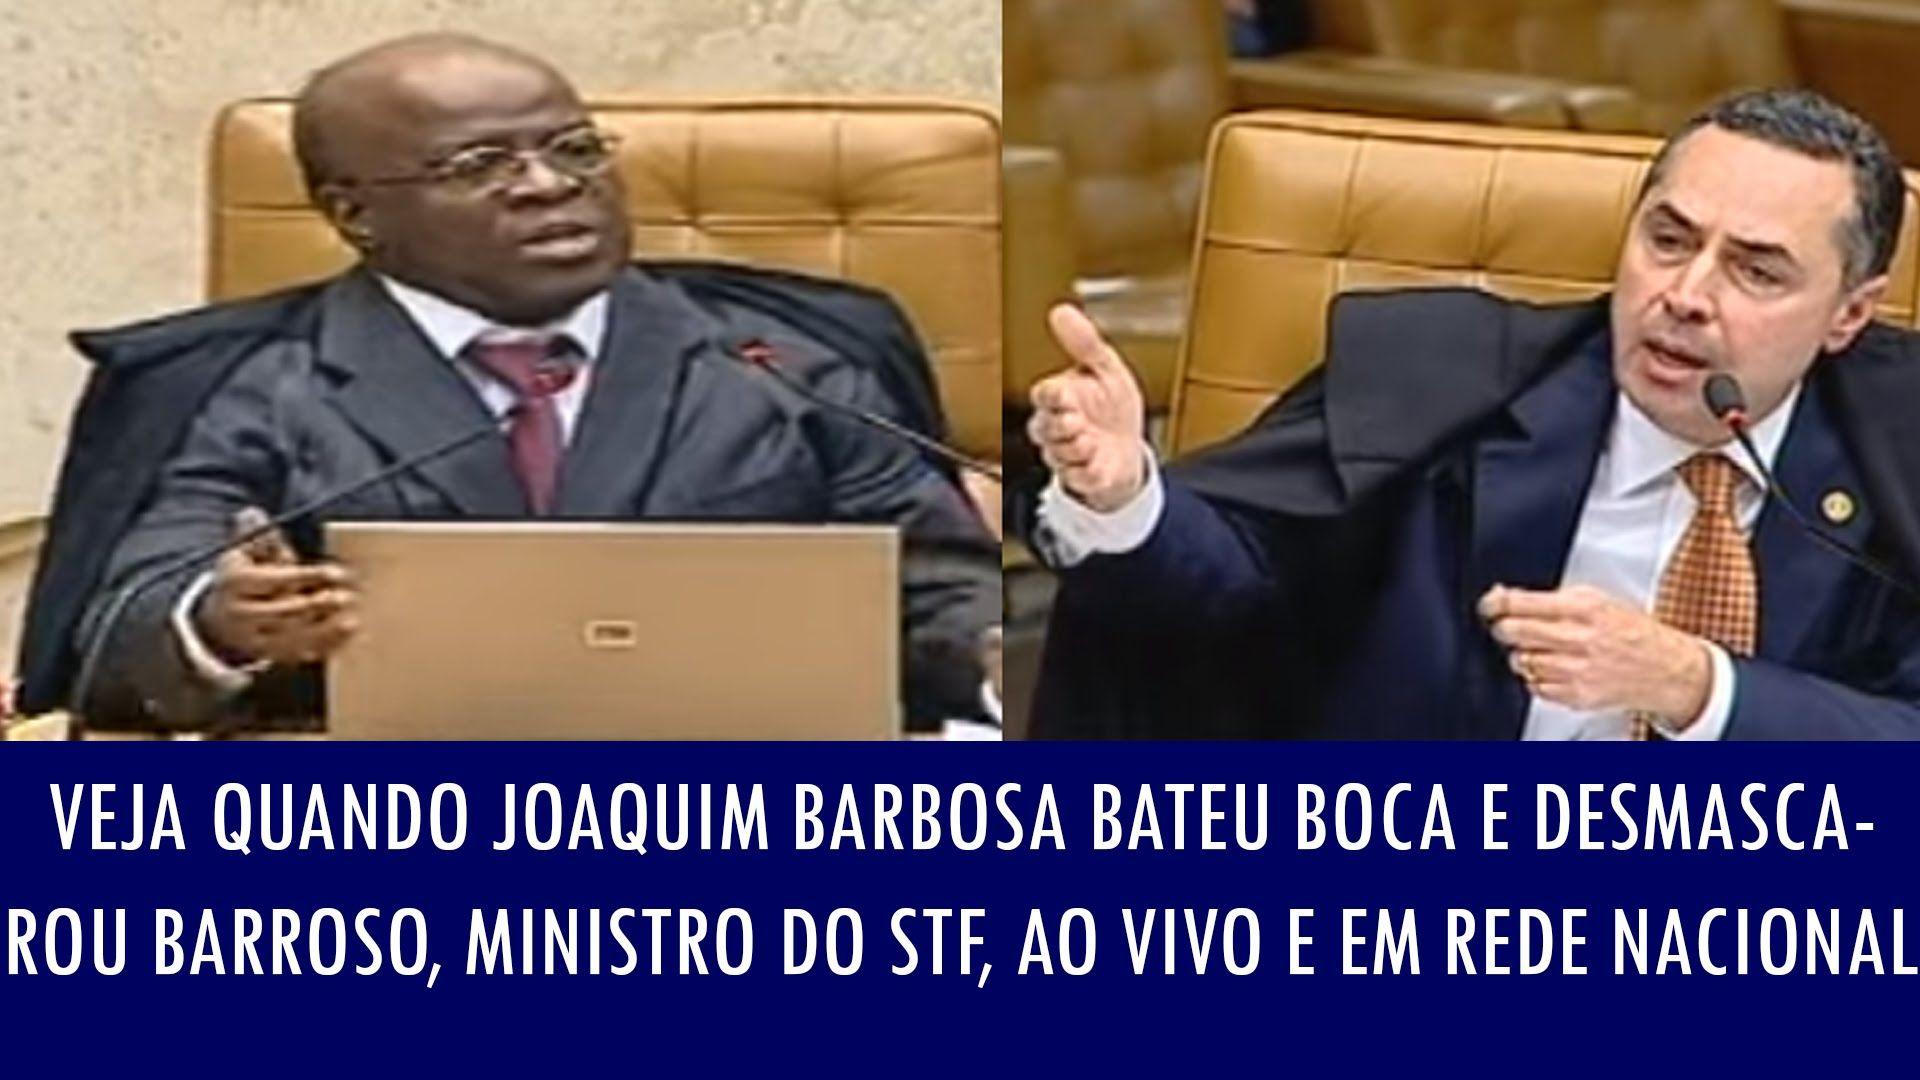 Veja quando Joaquim Barbosa desmascarou Barroso, ministro